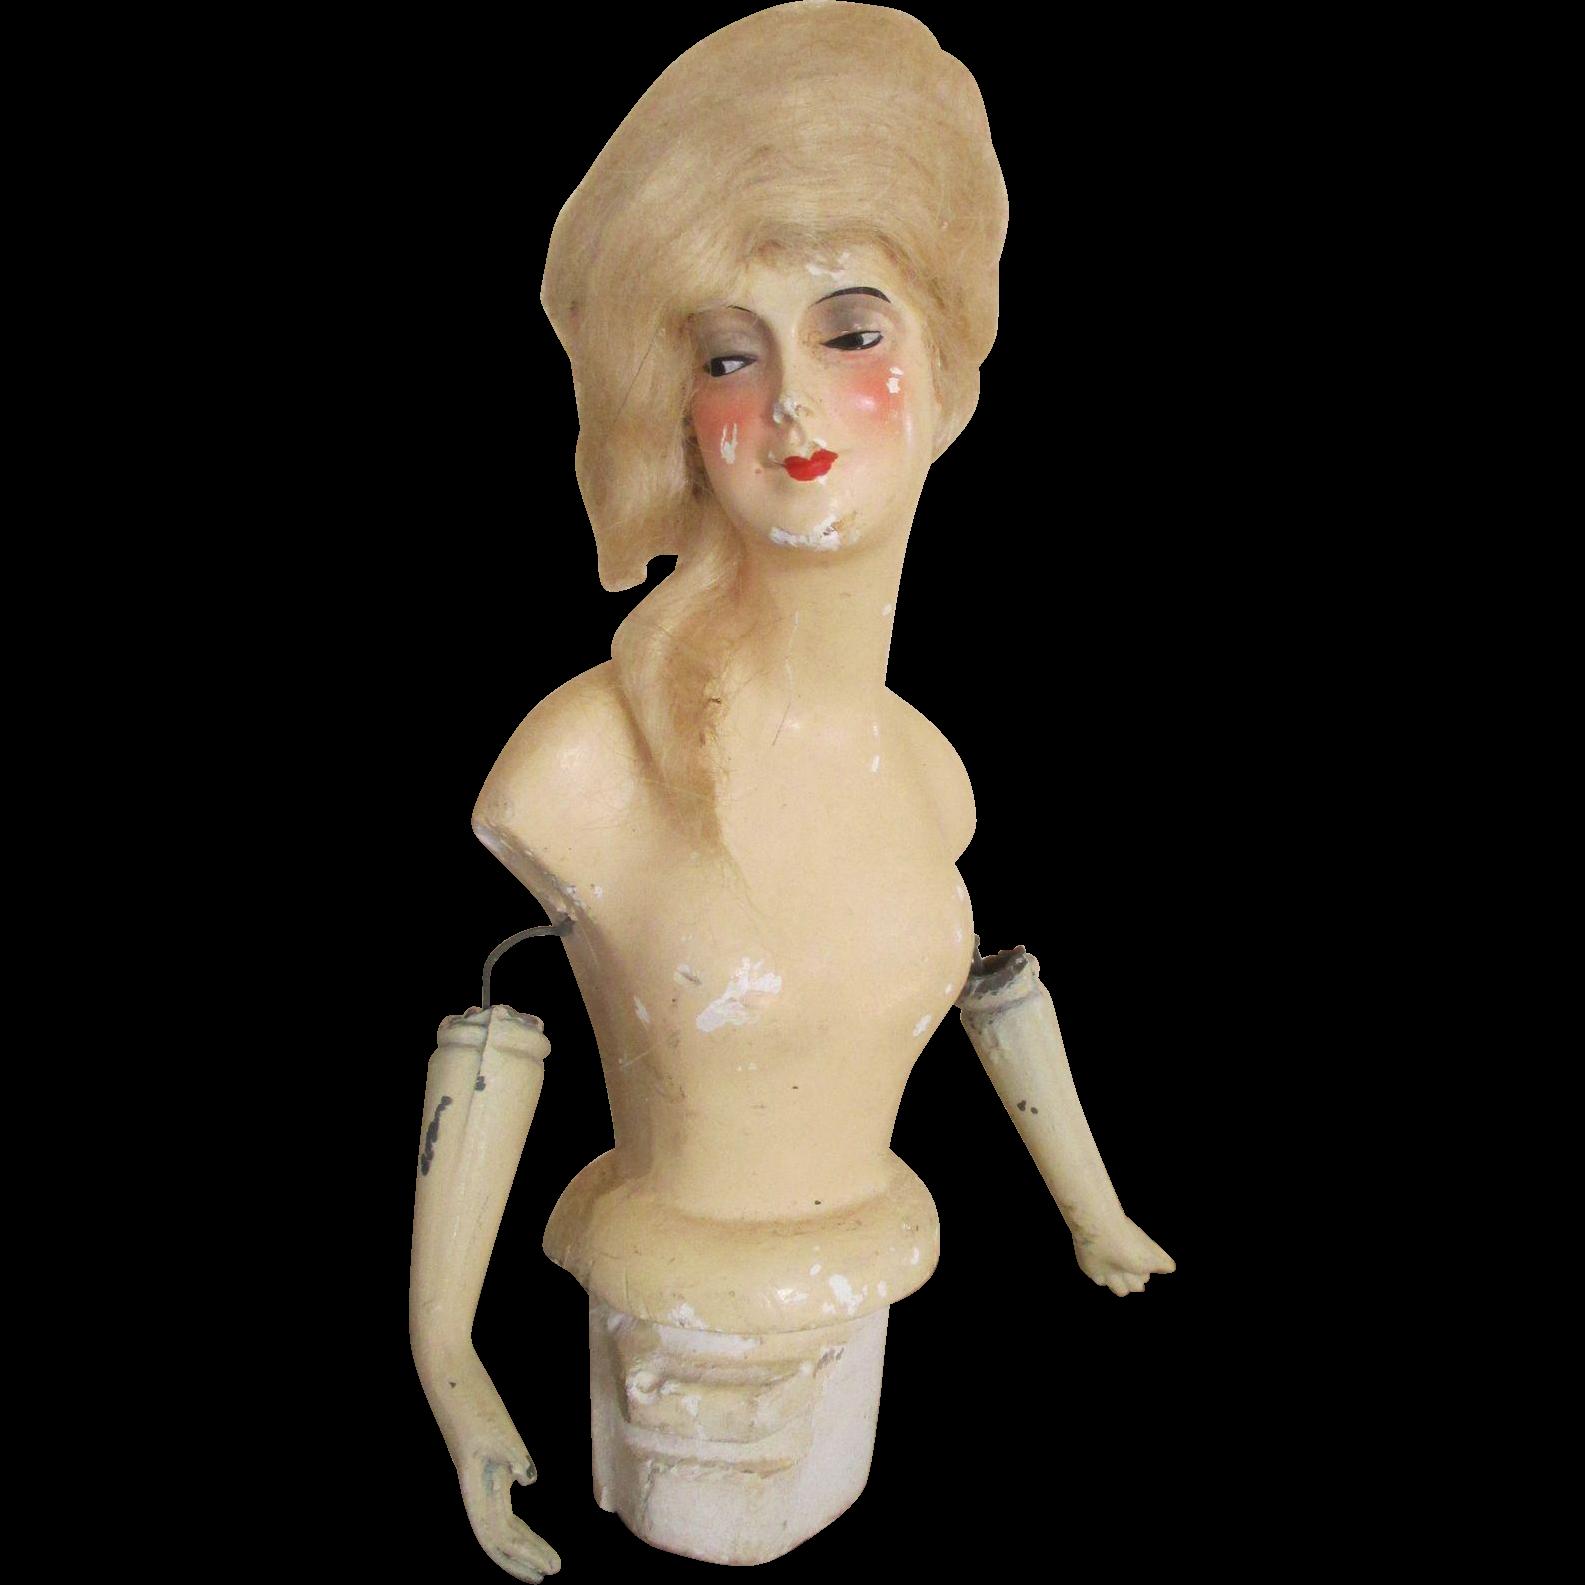 Antique Munzerlite Lamp Doll